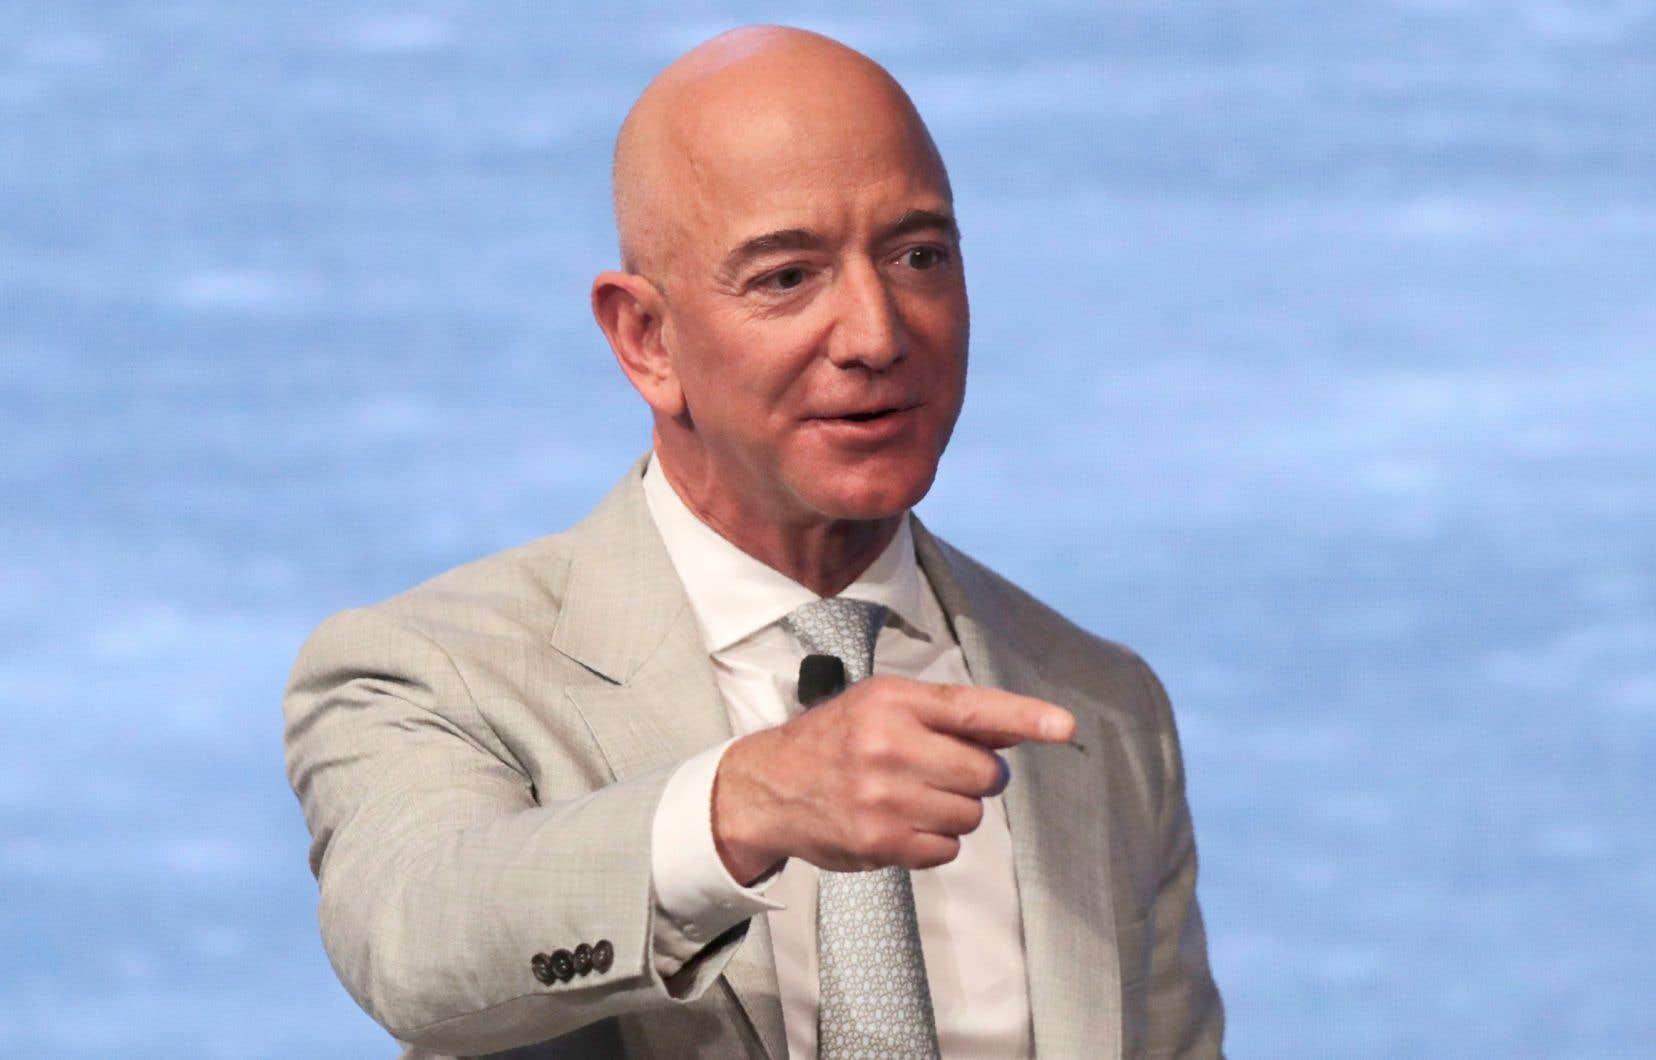 Céline Bessière et Sibylle Gollacanalysent, entre autres, le divorce de l'homme le plus riche du monde, Jeff Bezos.